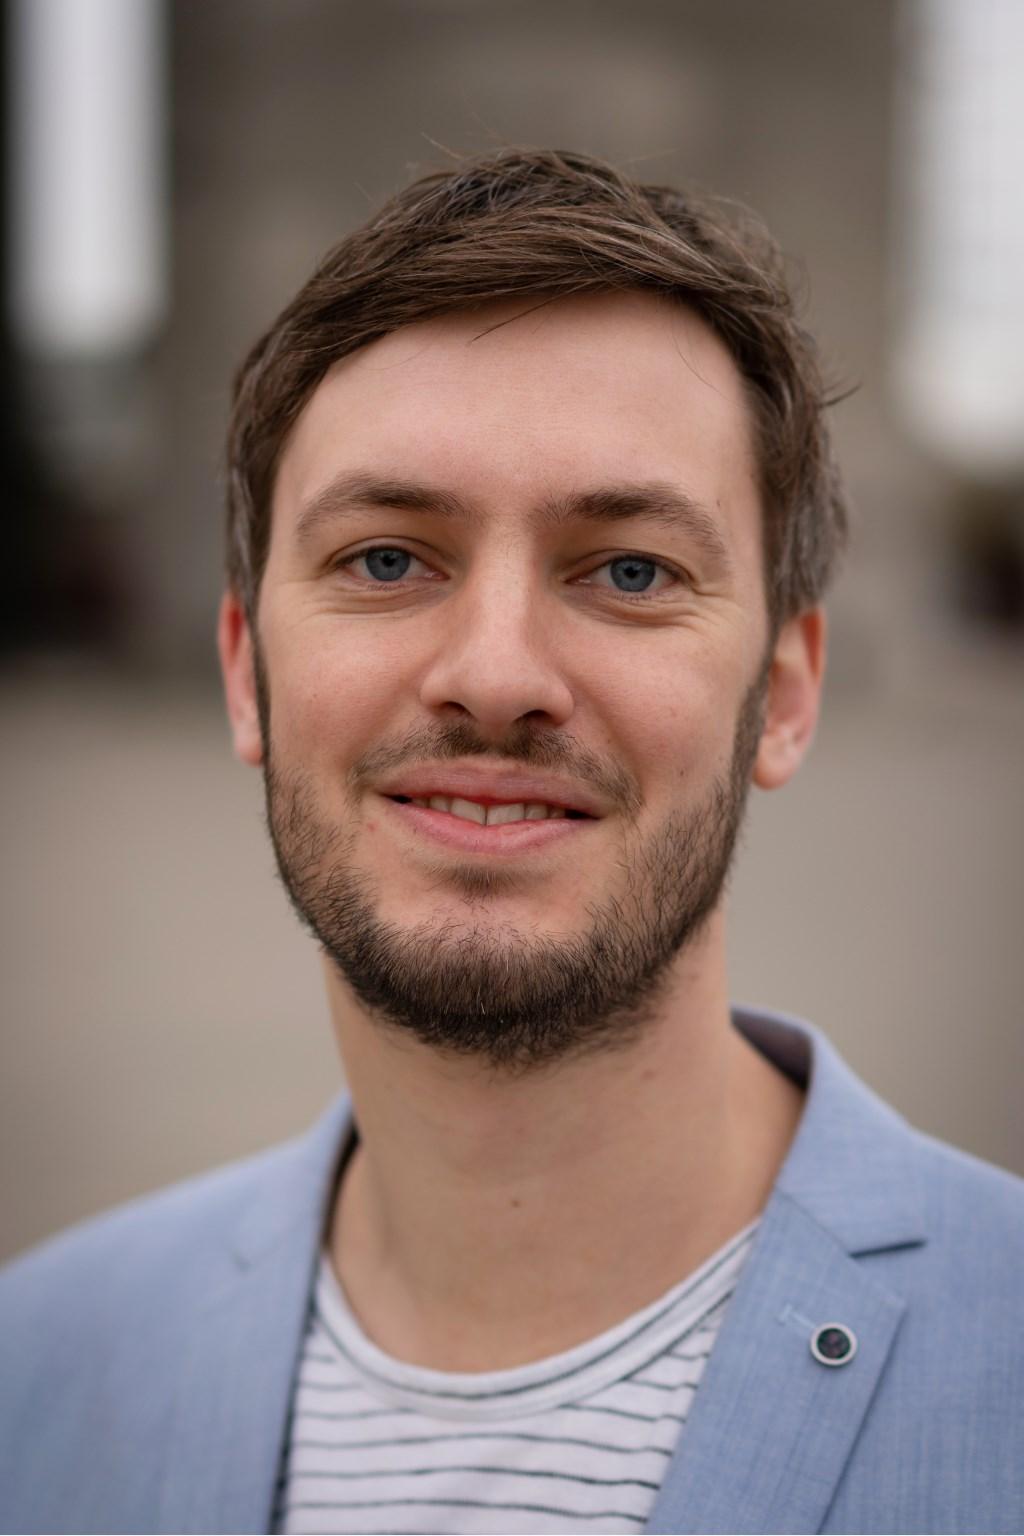 Rik Compagne wordt wethouder van de gemeente Meierijstad  Foto Keetels © Kliknieuws Veghel